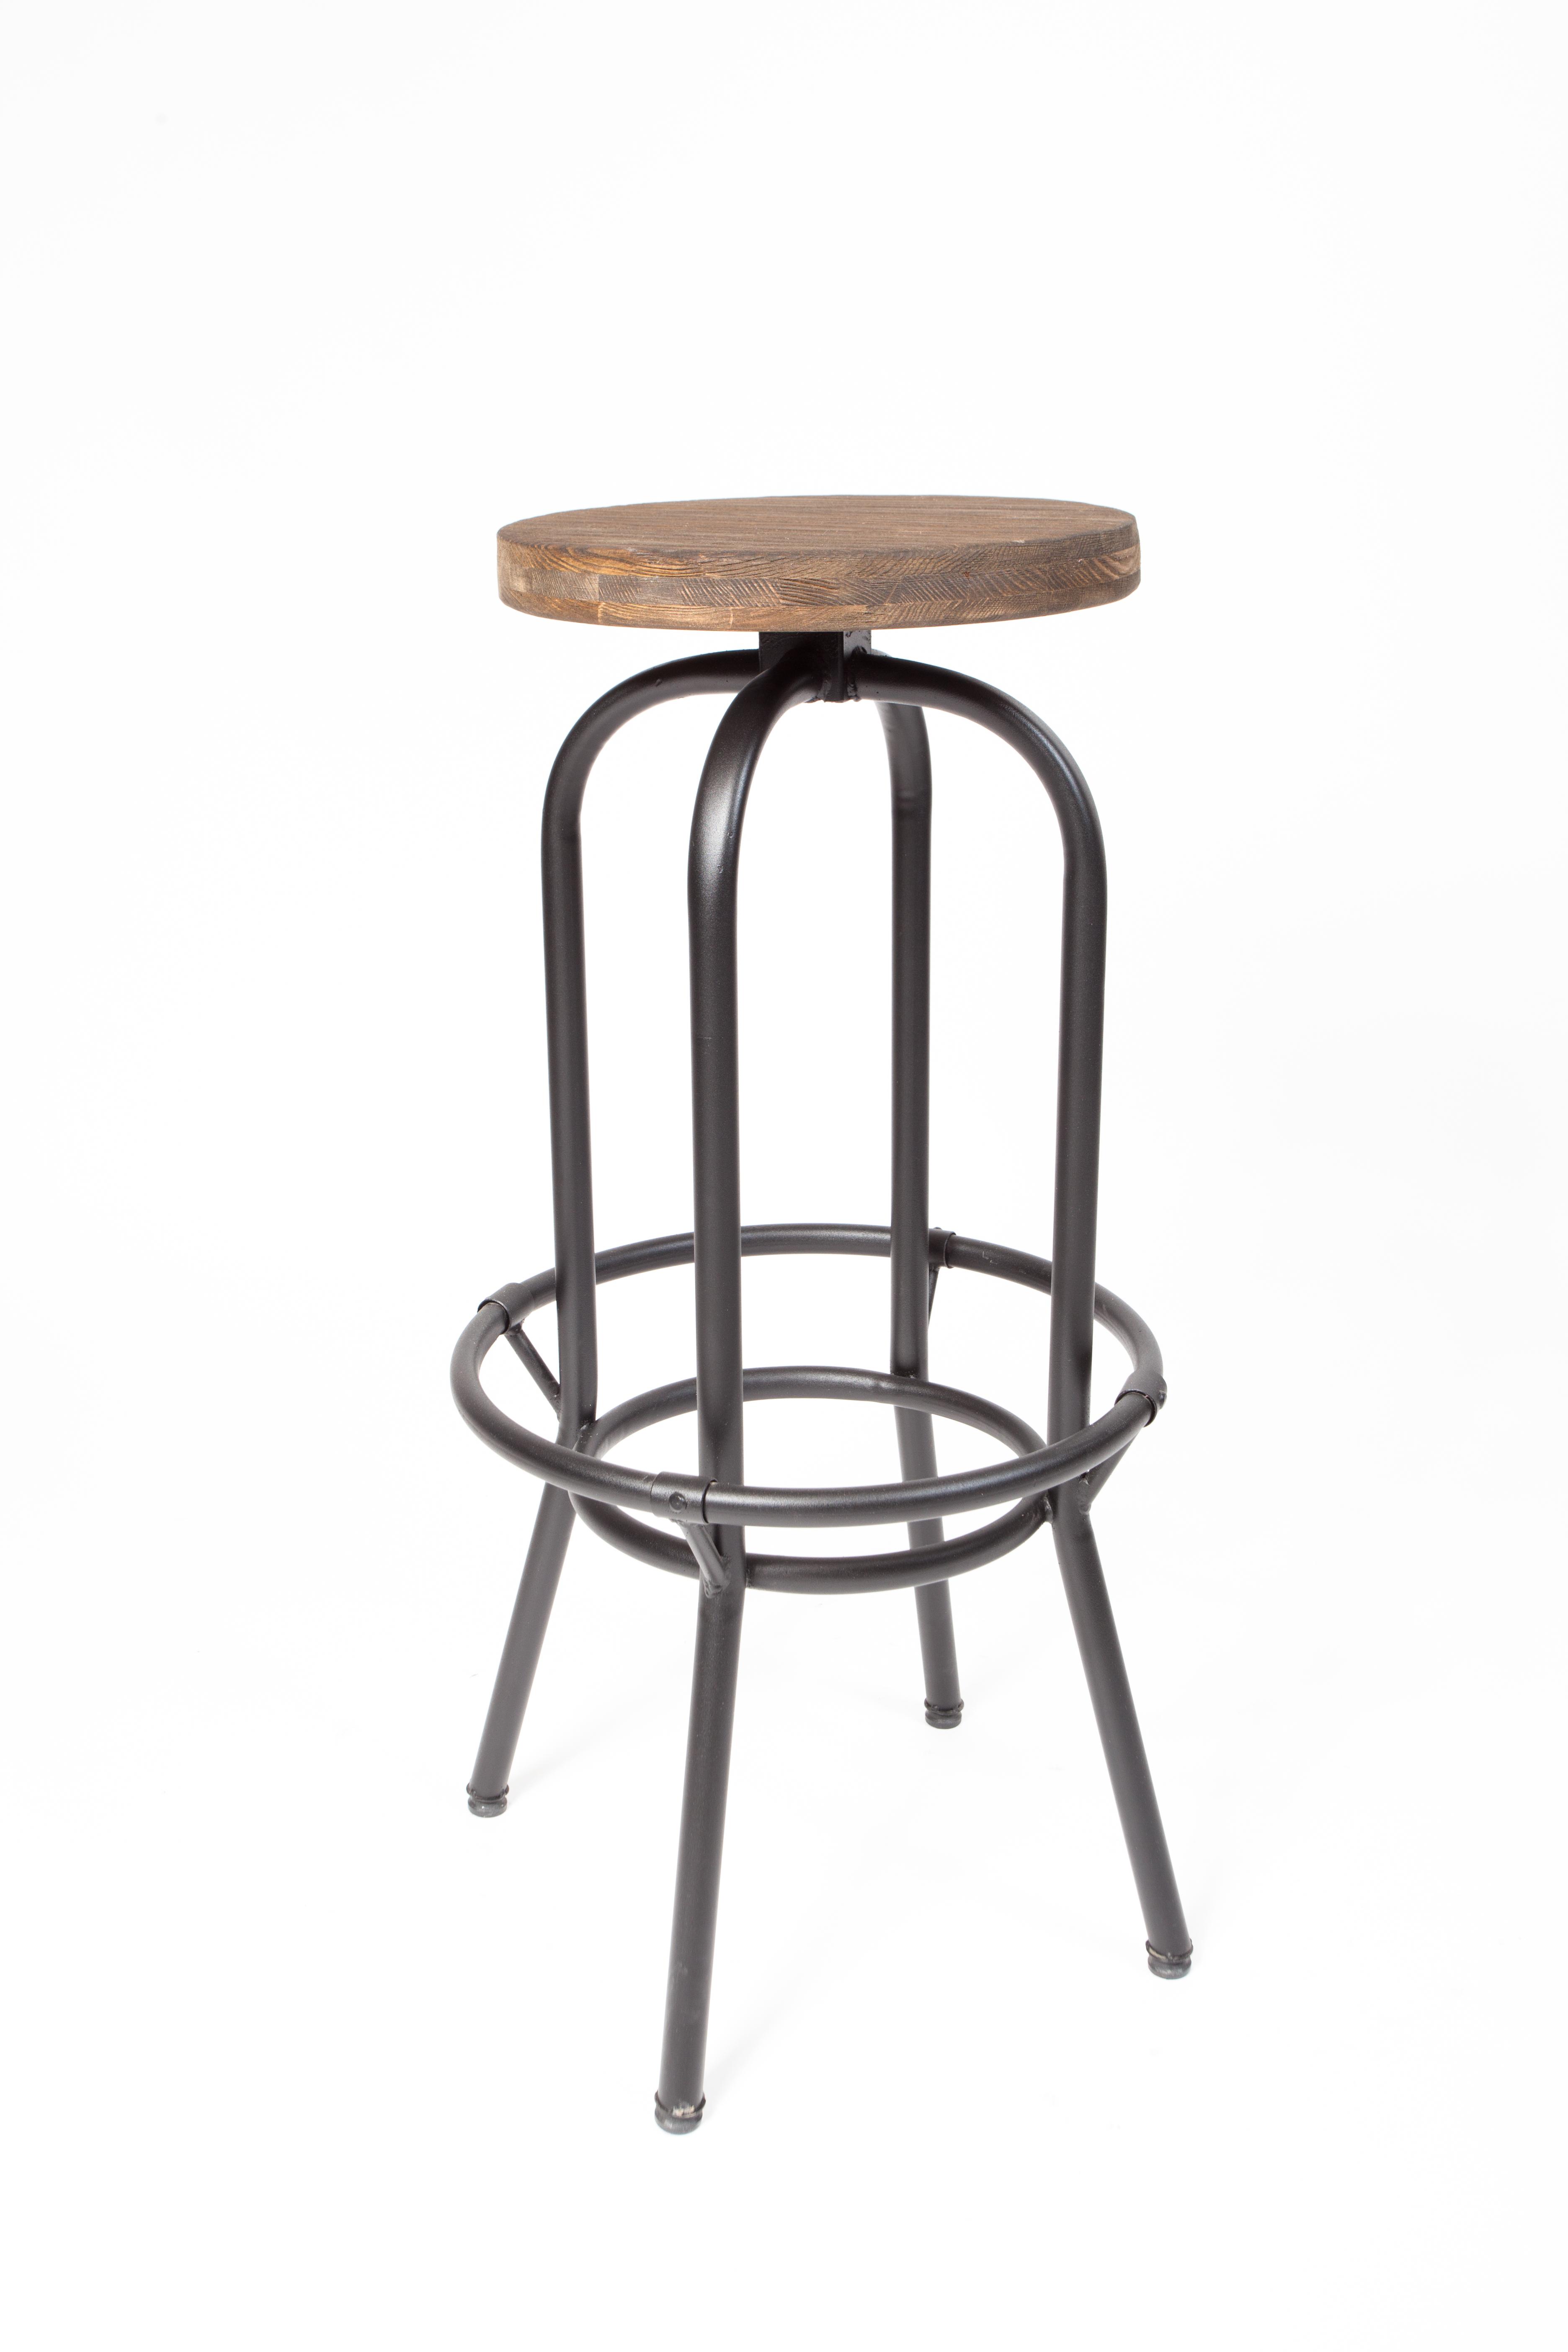 6.1 - барный стул LOFT